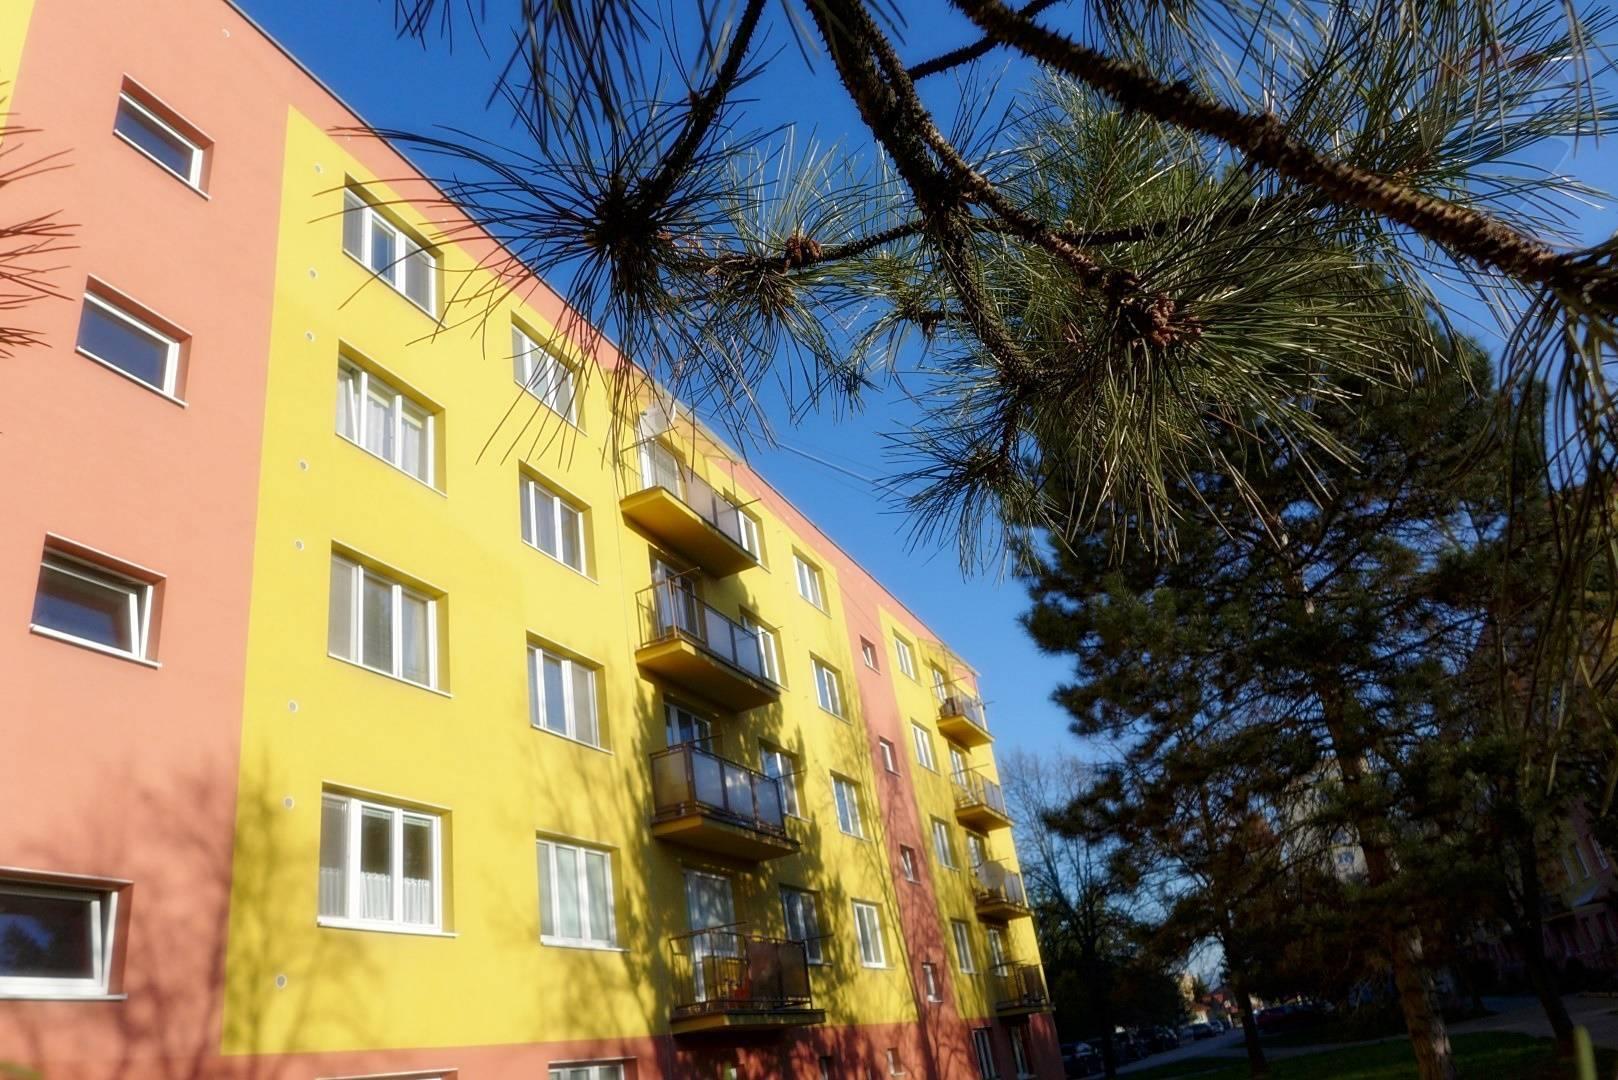 REZERVOVANÉ 2 izbový byt, 56 m2 - balkón, kompletná rekonštrukcia ul. Lúčna sídl. Žabník - PRIEVIDZA